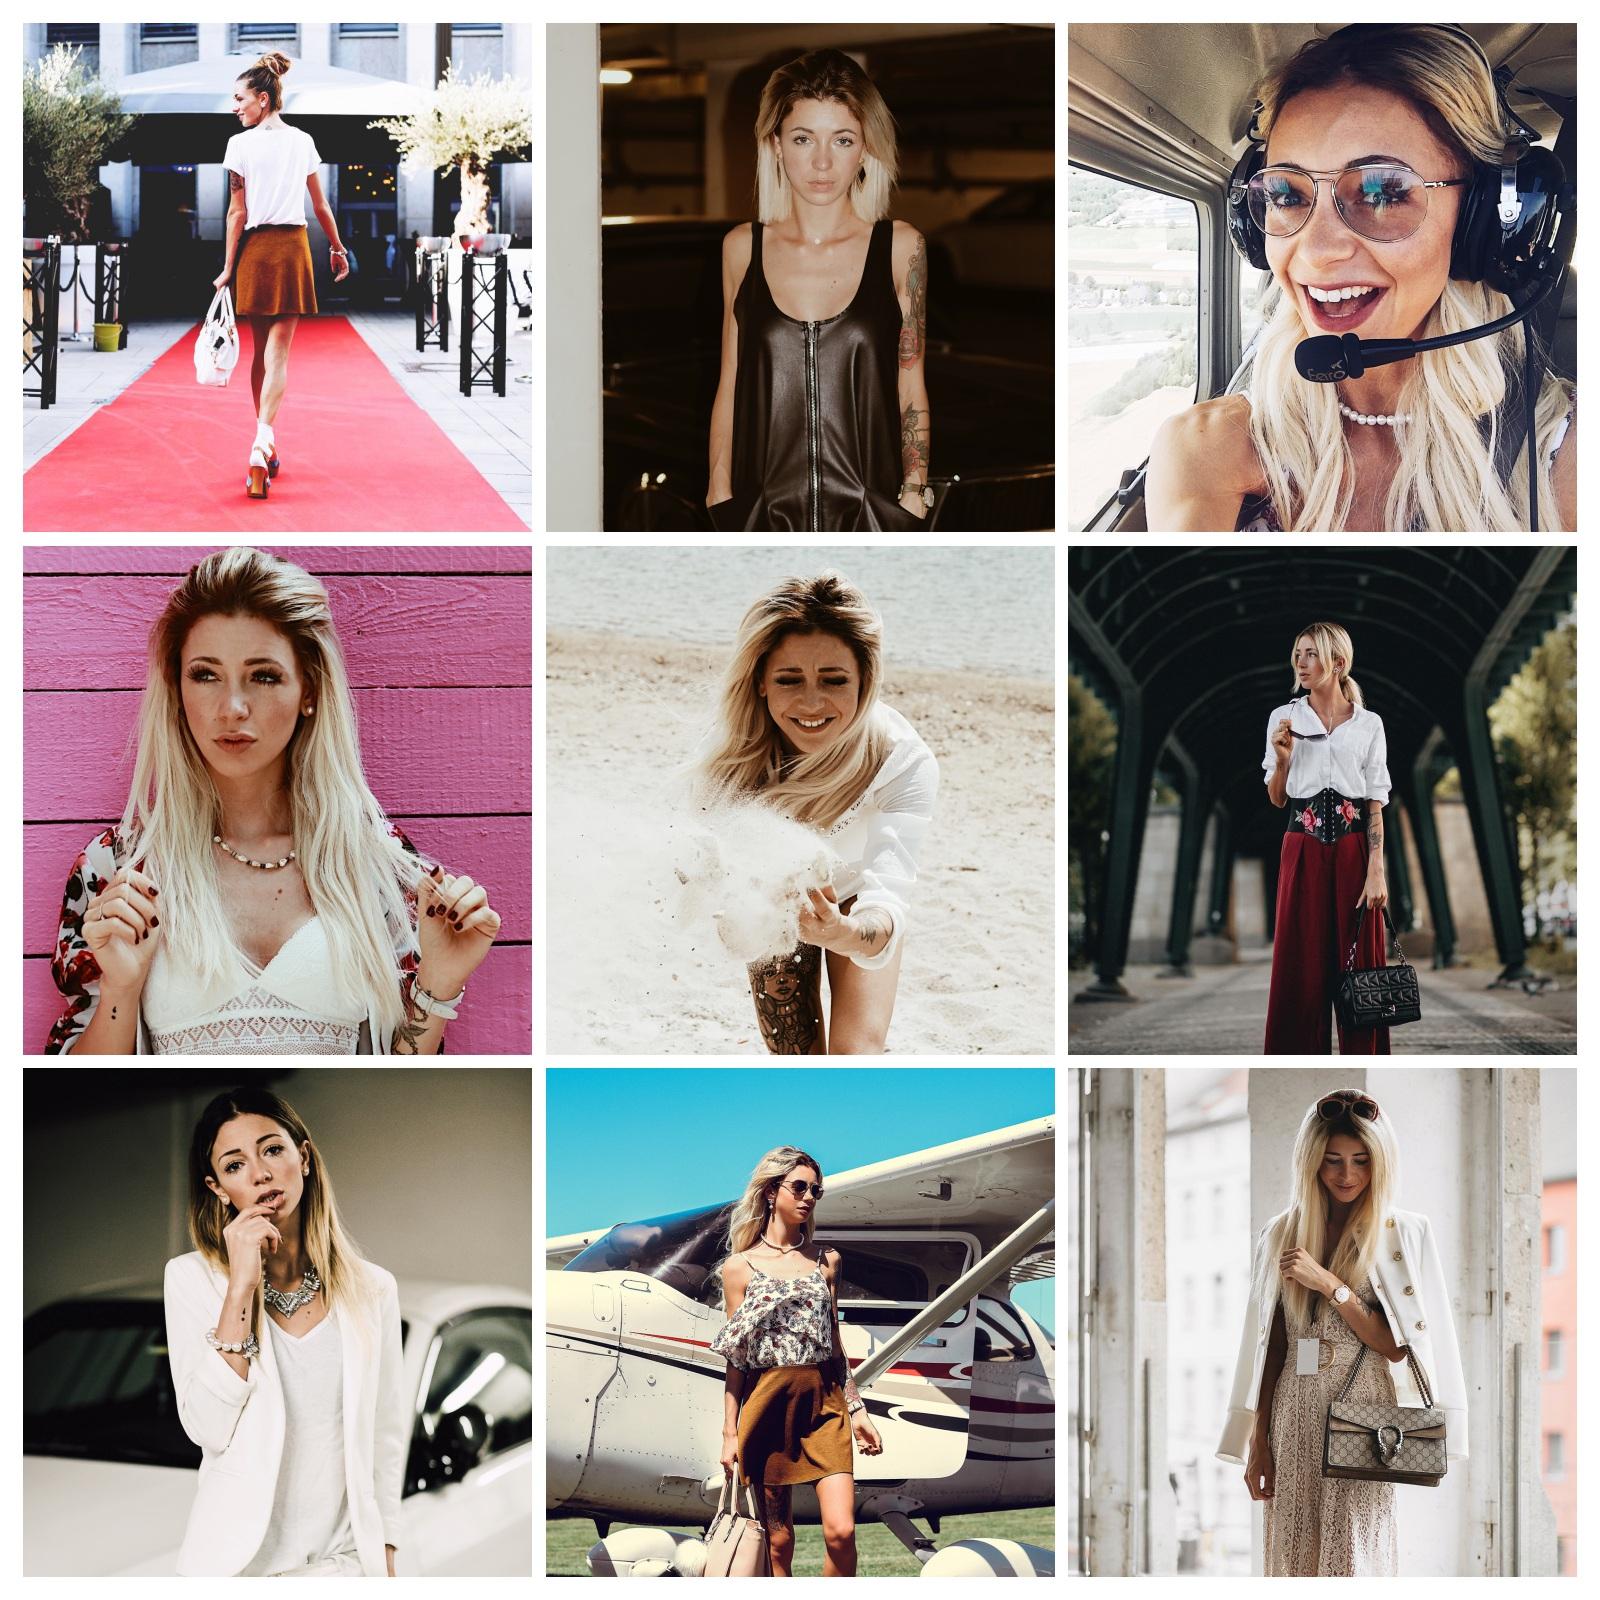 jahresrueckblick-couture-de-coeur-blogger-deutschland-2018-diese-blogger-solltest-du-kennen-2018